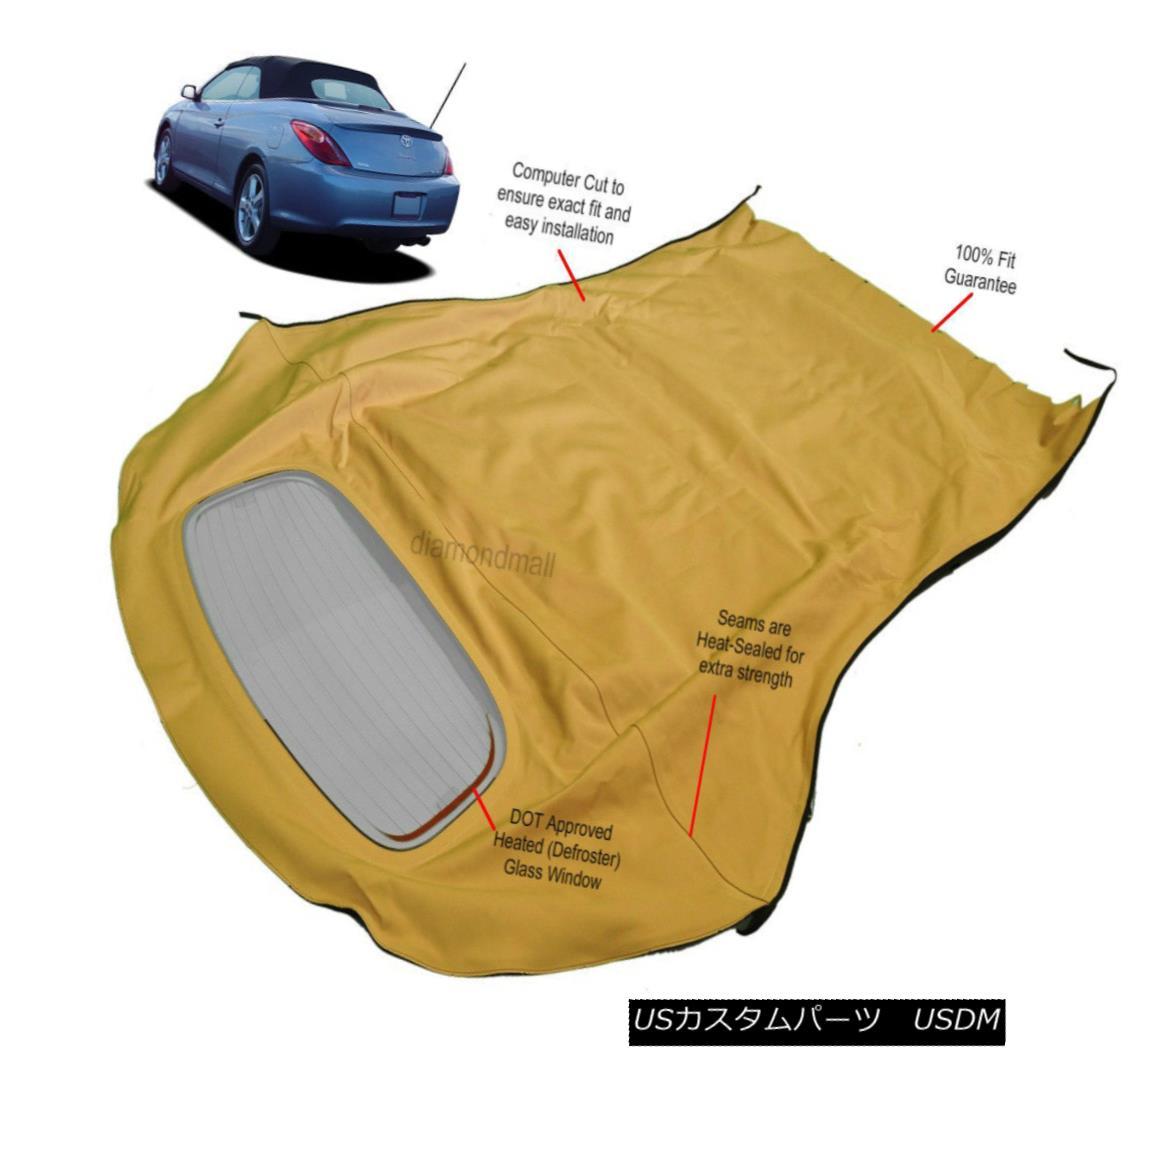 幌・ソフトトップ Toyota Camry, Solara Convertible Soft Top & Glass Window 2004-2009 Tan Stayfast トヨタカムリ、ソララコンバーチブルソフトトップ& Glass Window 2004-2009 Tan Stayfast